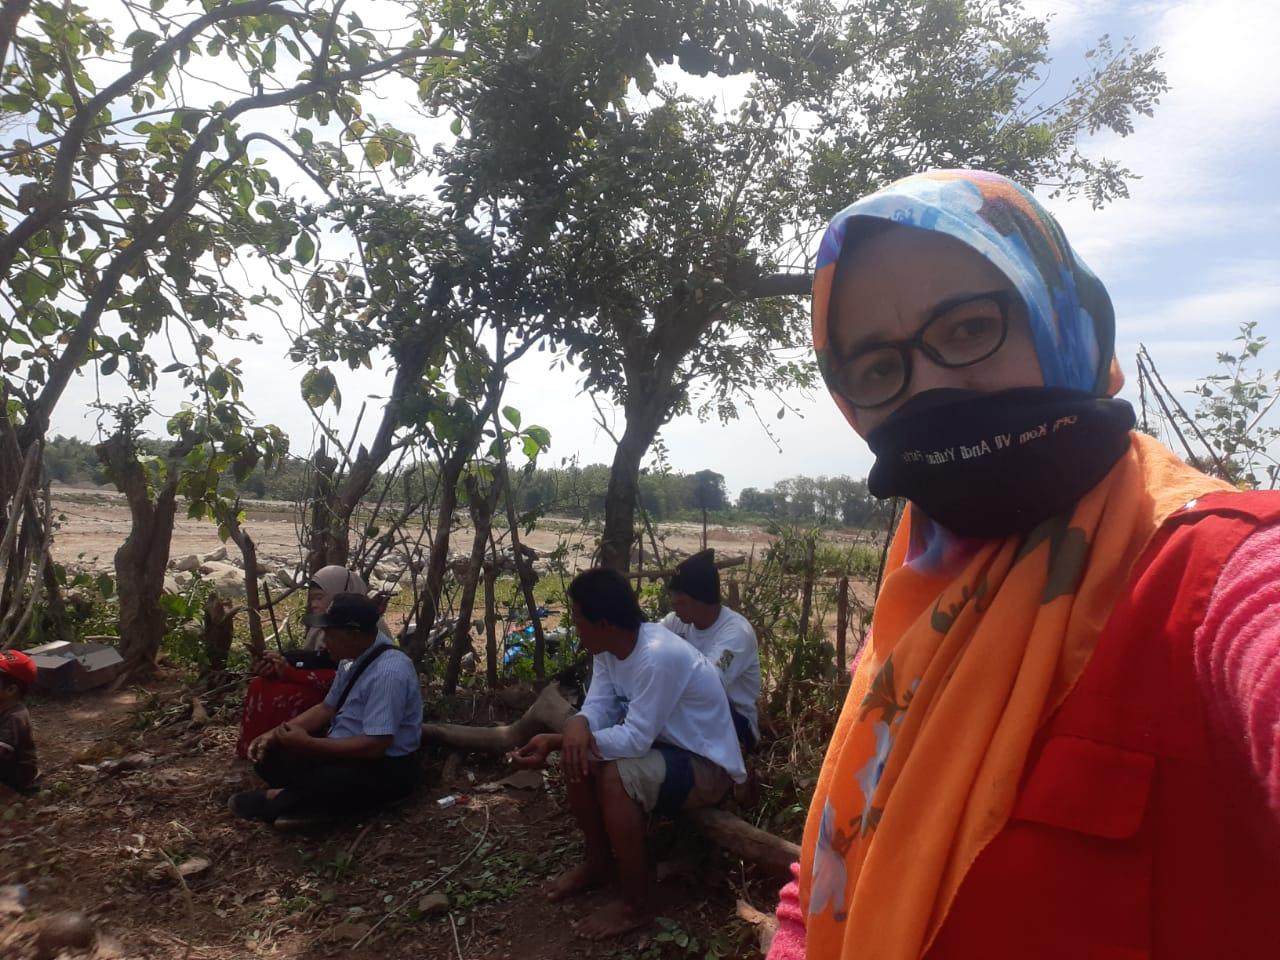 Pemuda Tani dan PPL Kab. Maros Kembangkan Cabe Organik Dengan Memanfaatkan Lahan Tidur